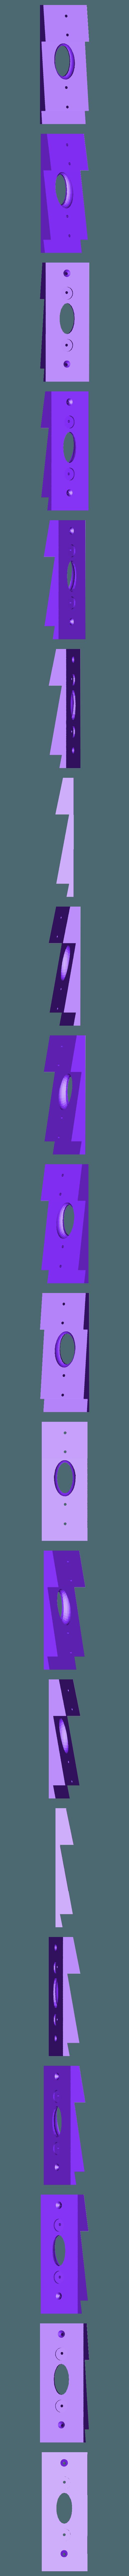 Nest_Hello_triple_lap_siding_mount.stl Télécharger fichier STL gratuit Support de bardage triple tour Nest Hello • Design pour impression 3D, tanker405th